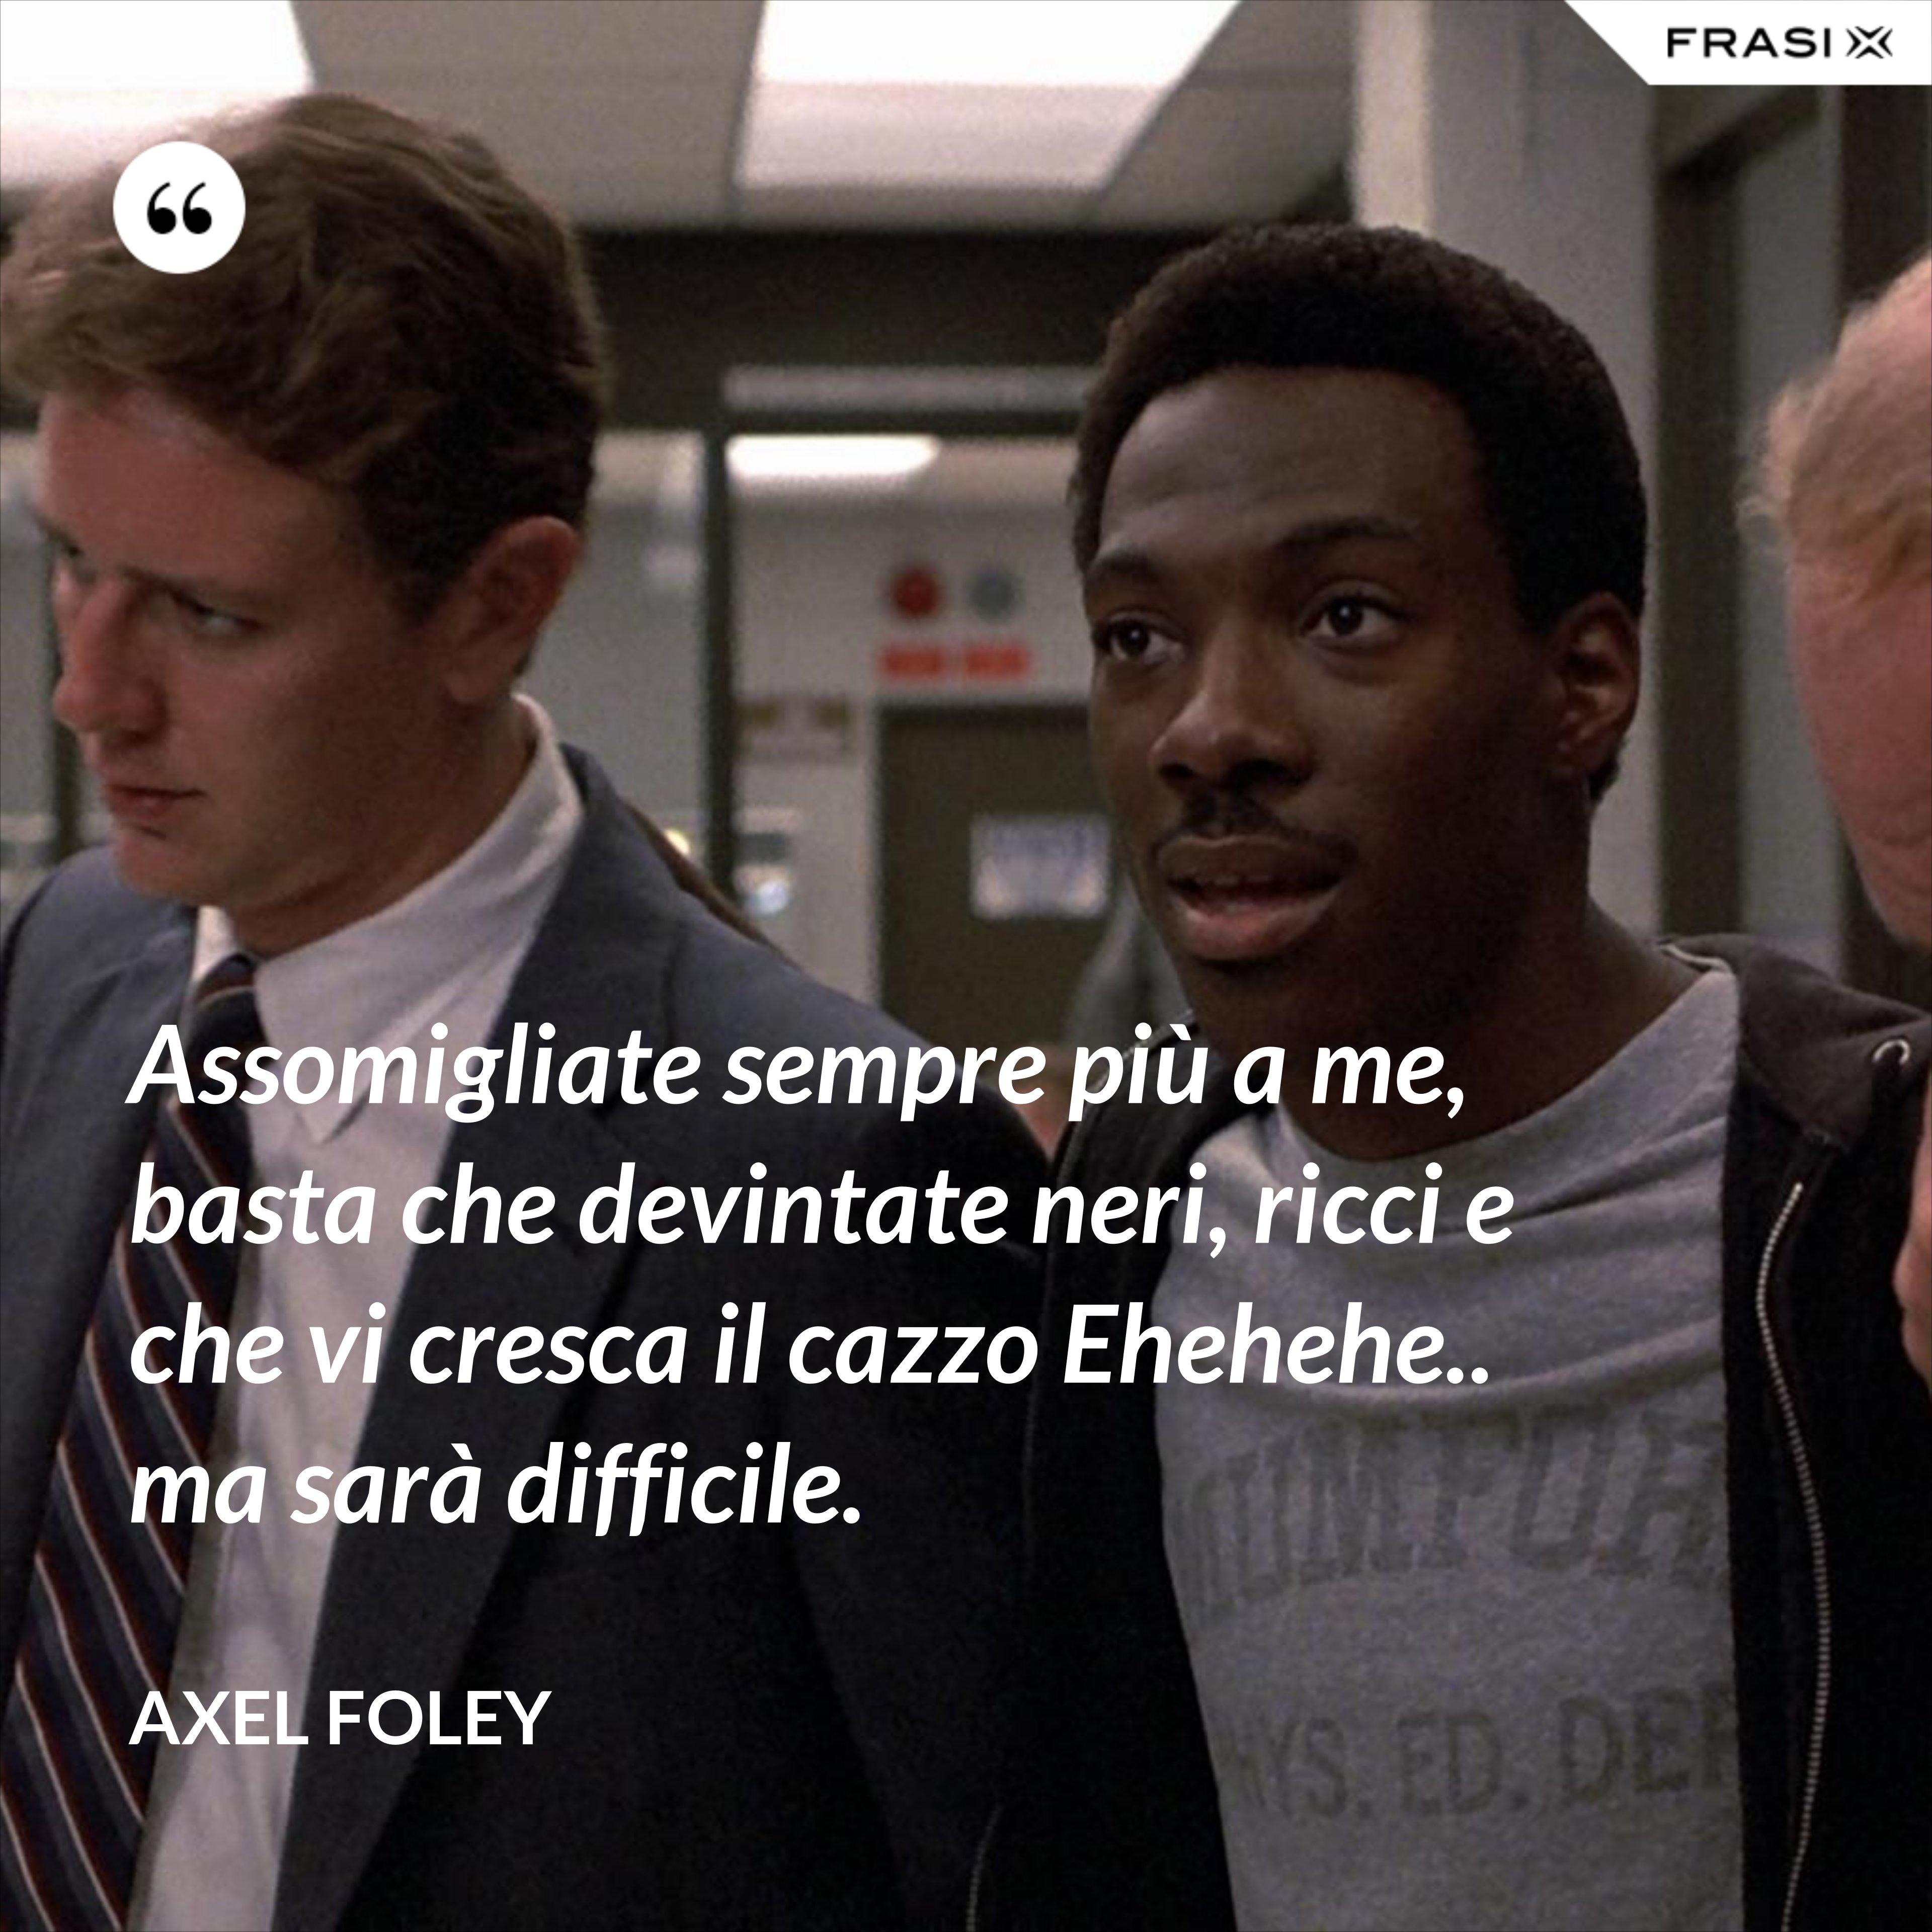 Assomigliate sempre più a me, basta che devintate neri, ricci e che vi cresca il cazzo Ehehehe.. ma sarà difficile. - Axel Foley